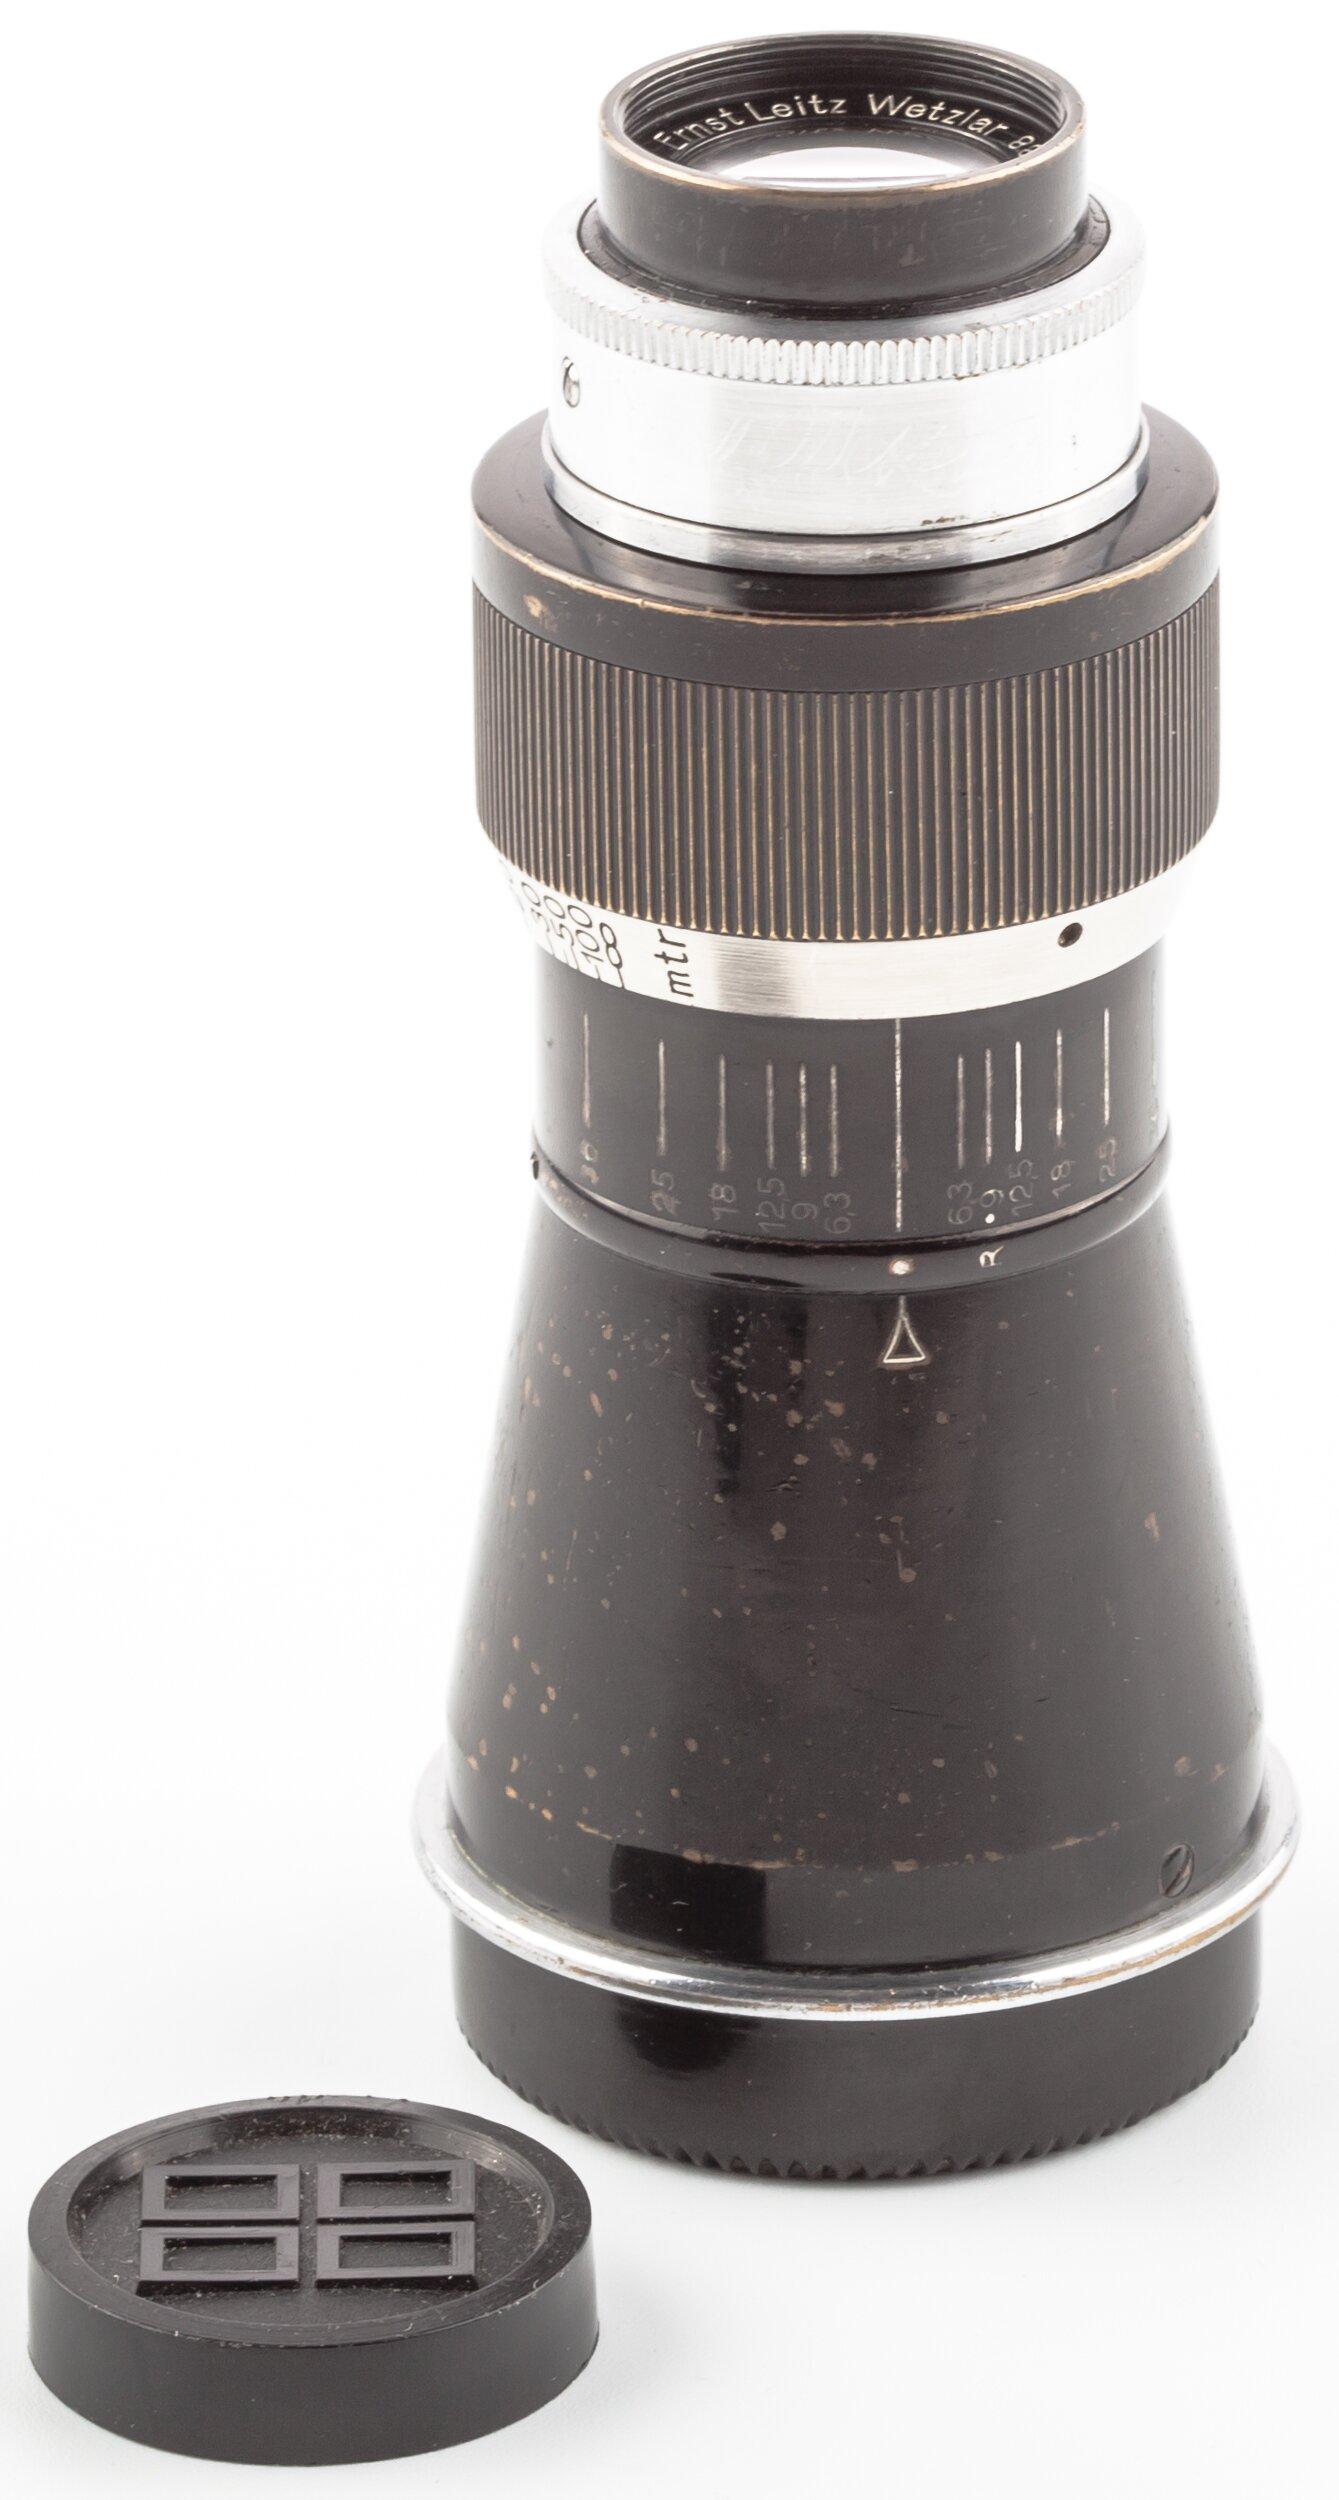 Leica Berg Elmar 6,3/10,5cm ELZEN M39 Screwmount RARE